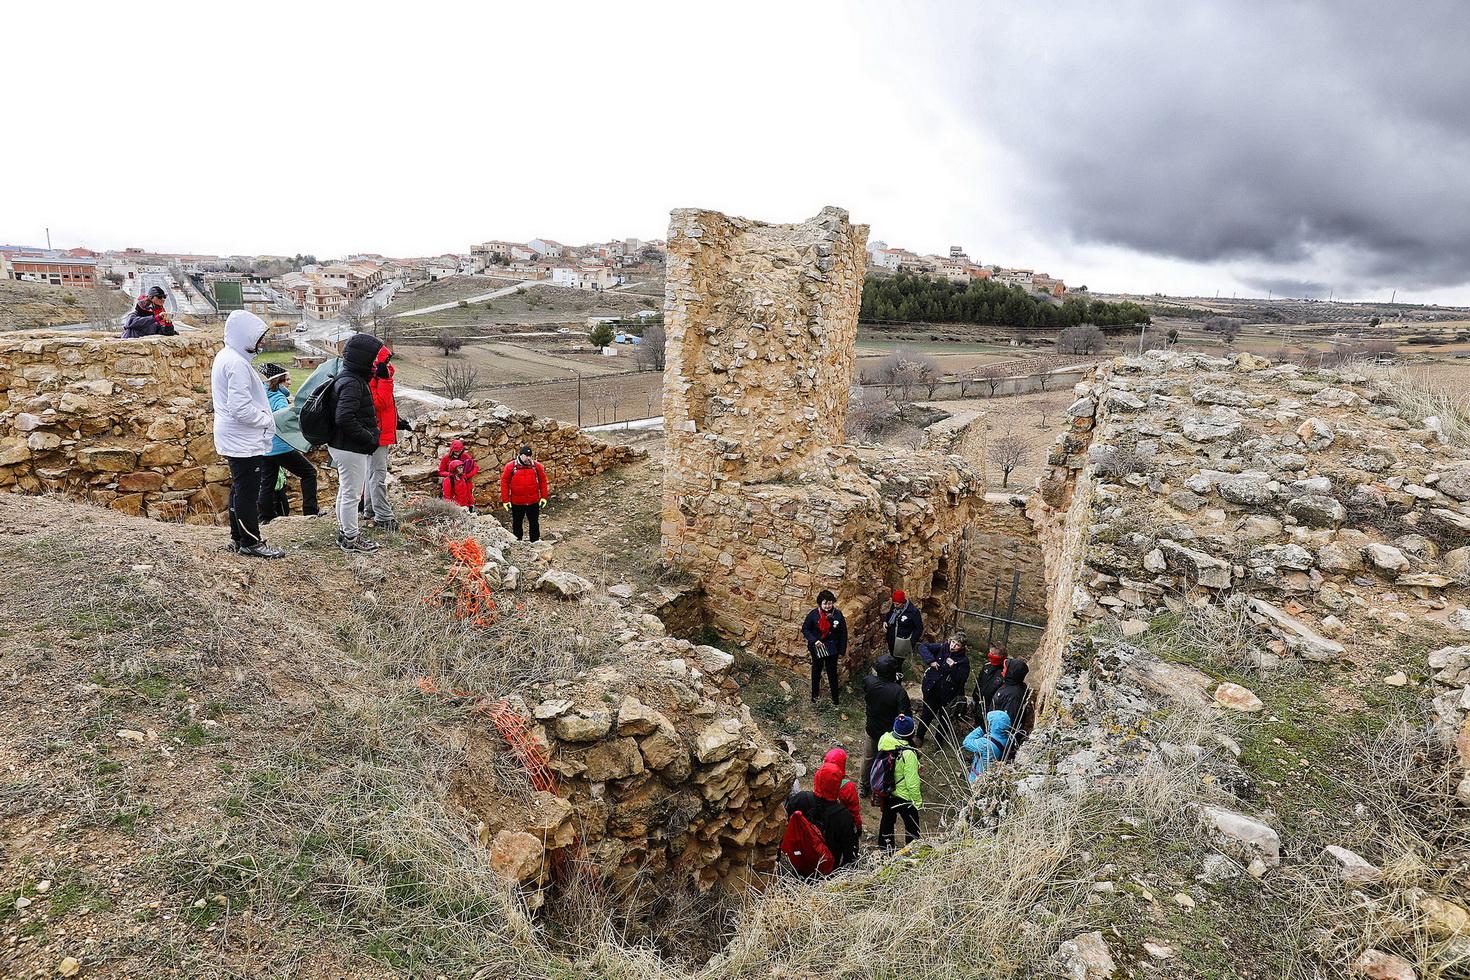 Foto: Luis Vizcaíno. La Mancha Press